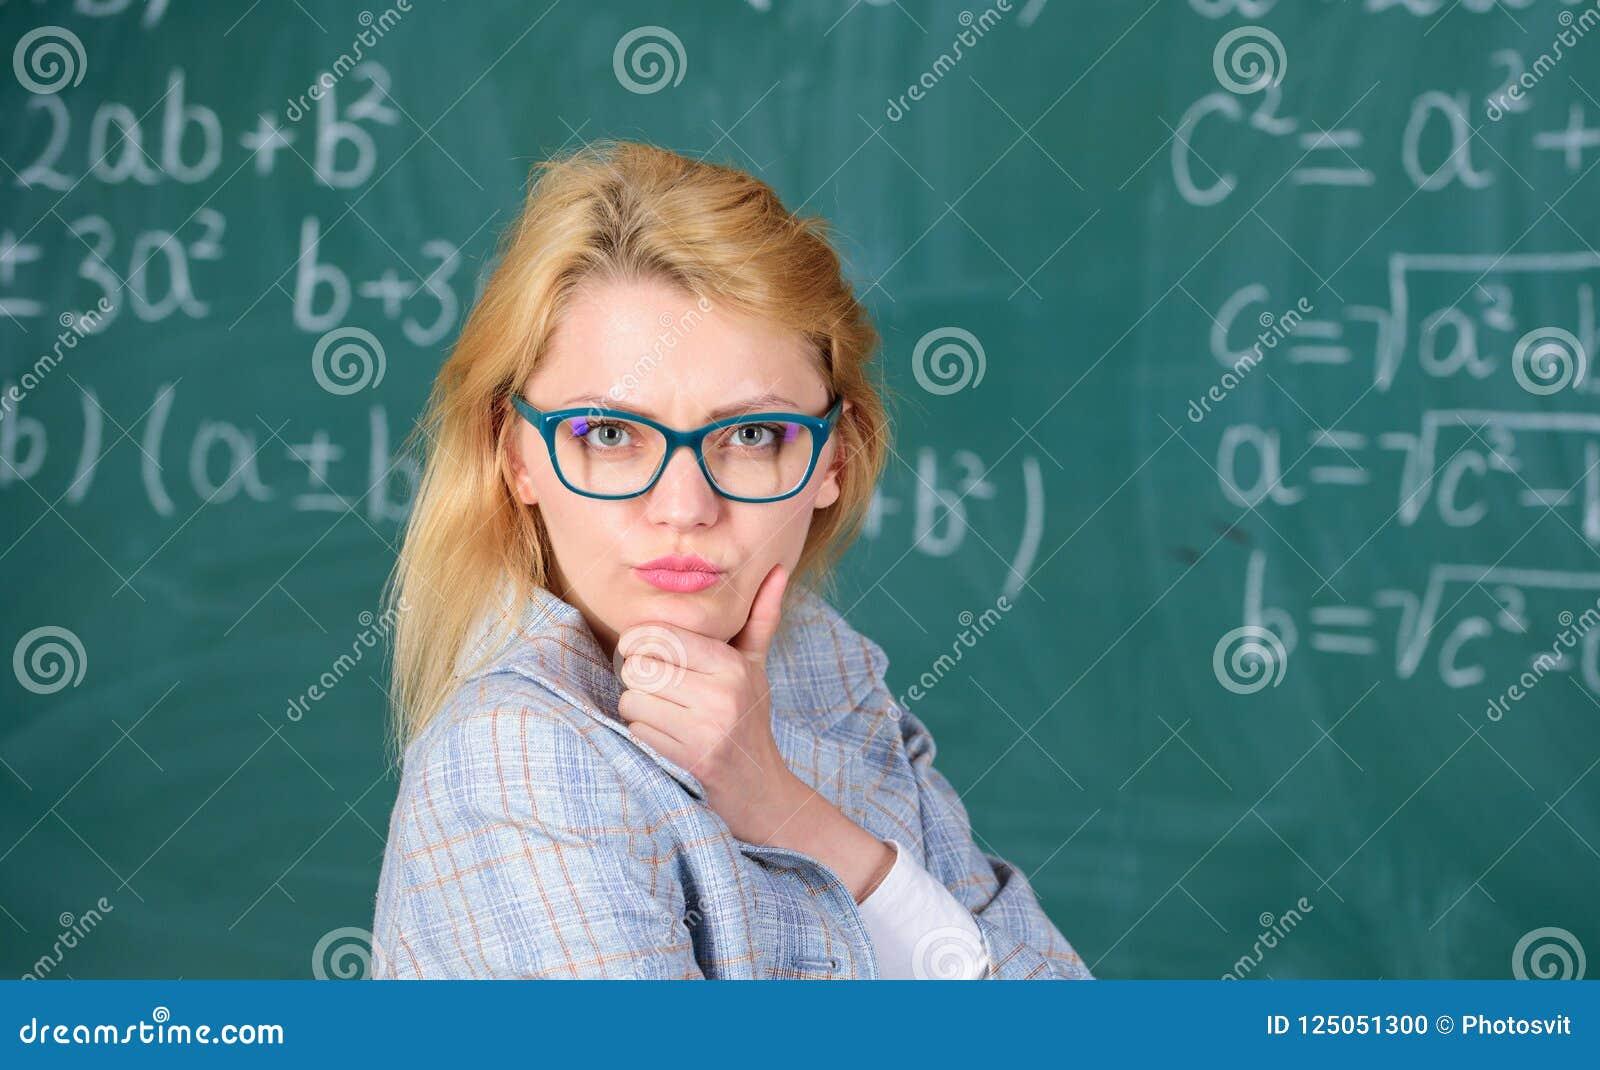 Lös matematikuppgiften Lärarekvinnafunderare om lösning och resultat Damkläderglasögon ilar lärareklassrumet